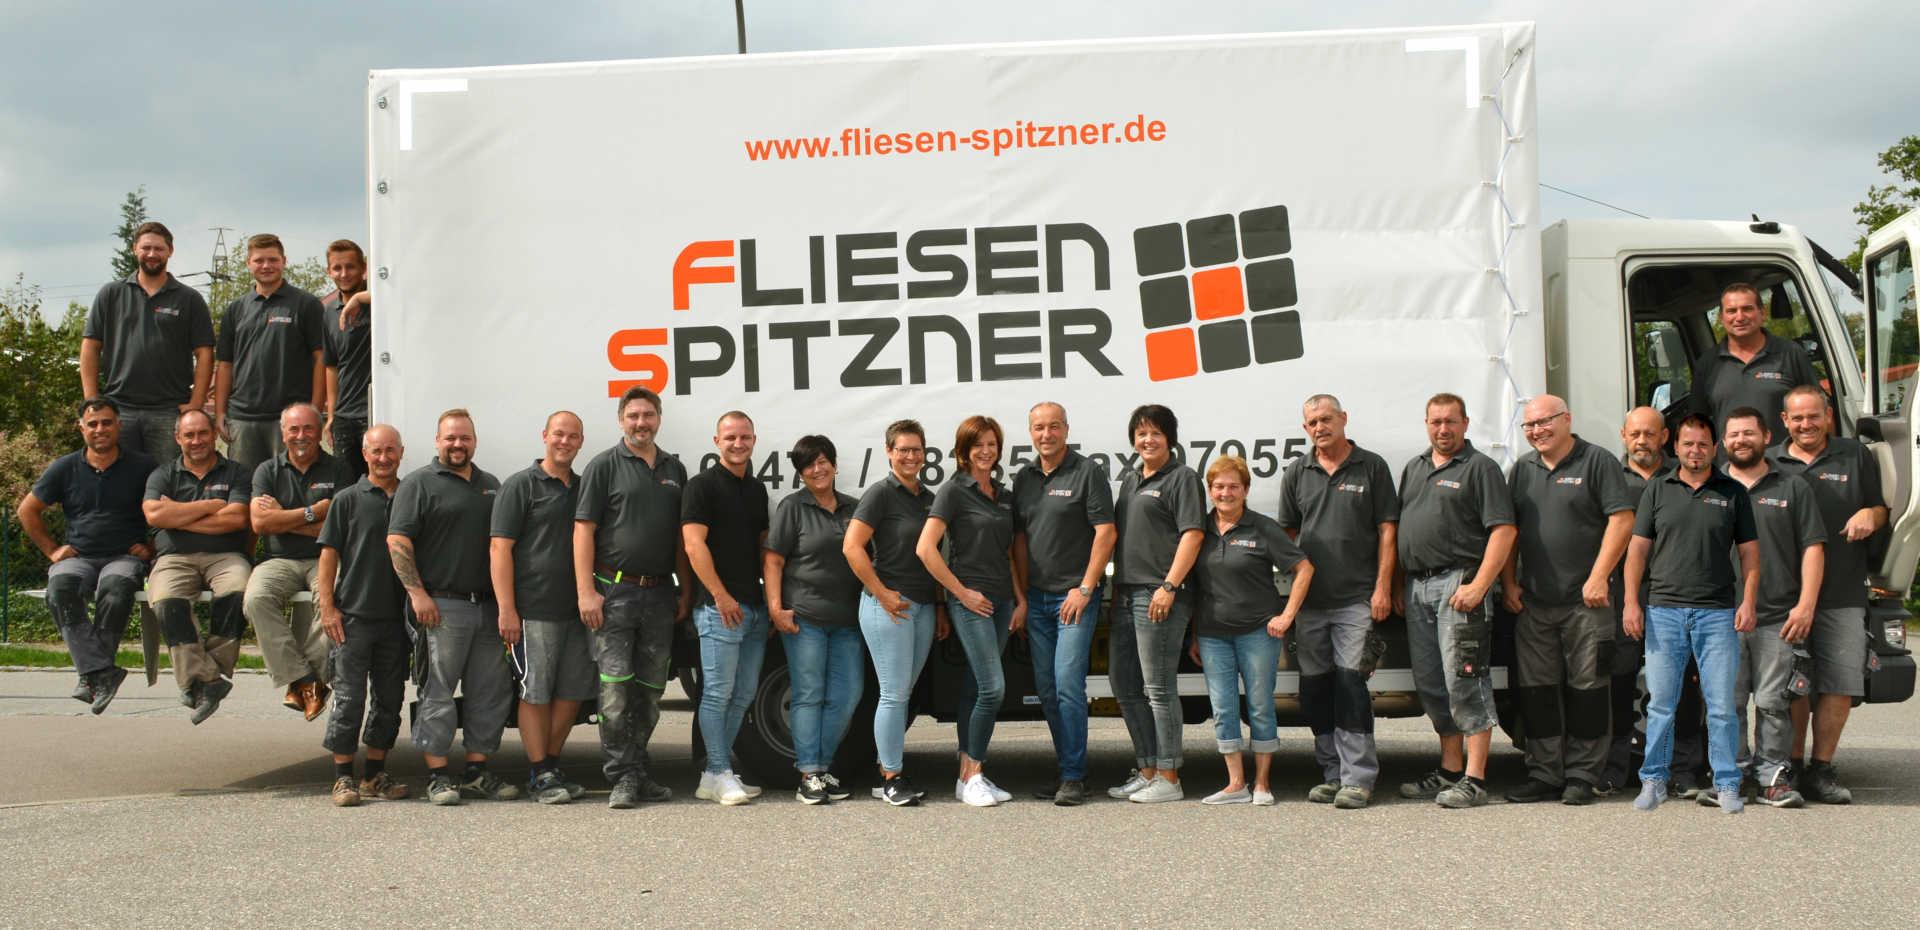 Fliesen Spitzner - das Team